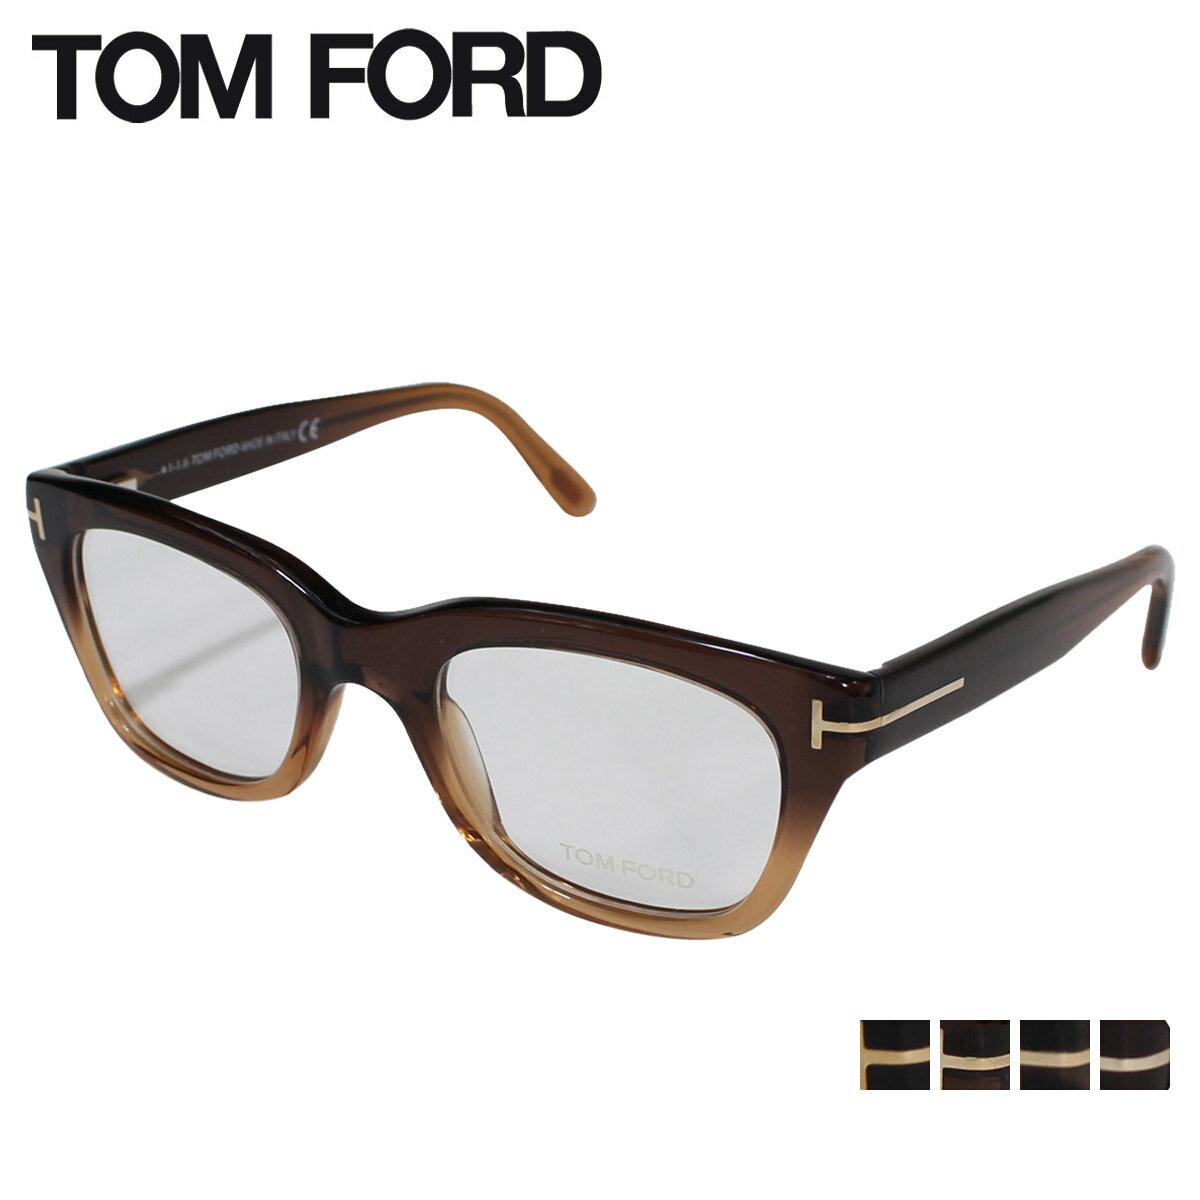 TOM FORD ACETATE FRAMES サングラス メンズ レディース トムフォード アイウェア FT5178 イタリア製 [182] 【決算セール】